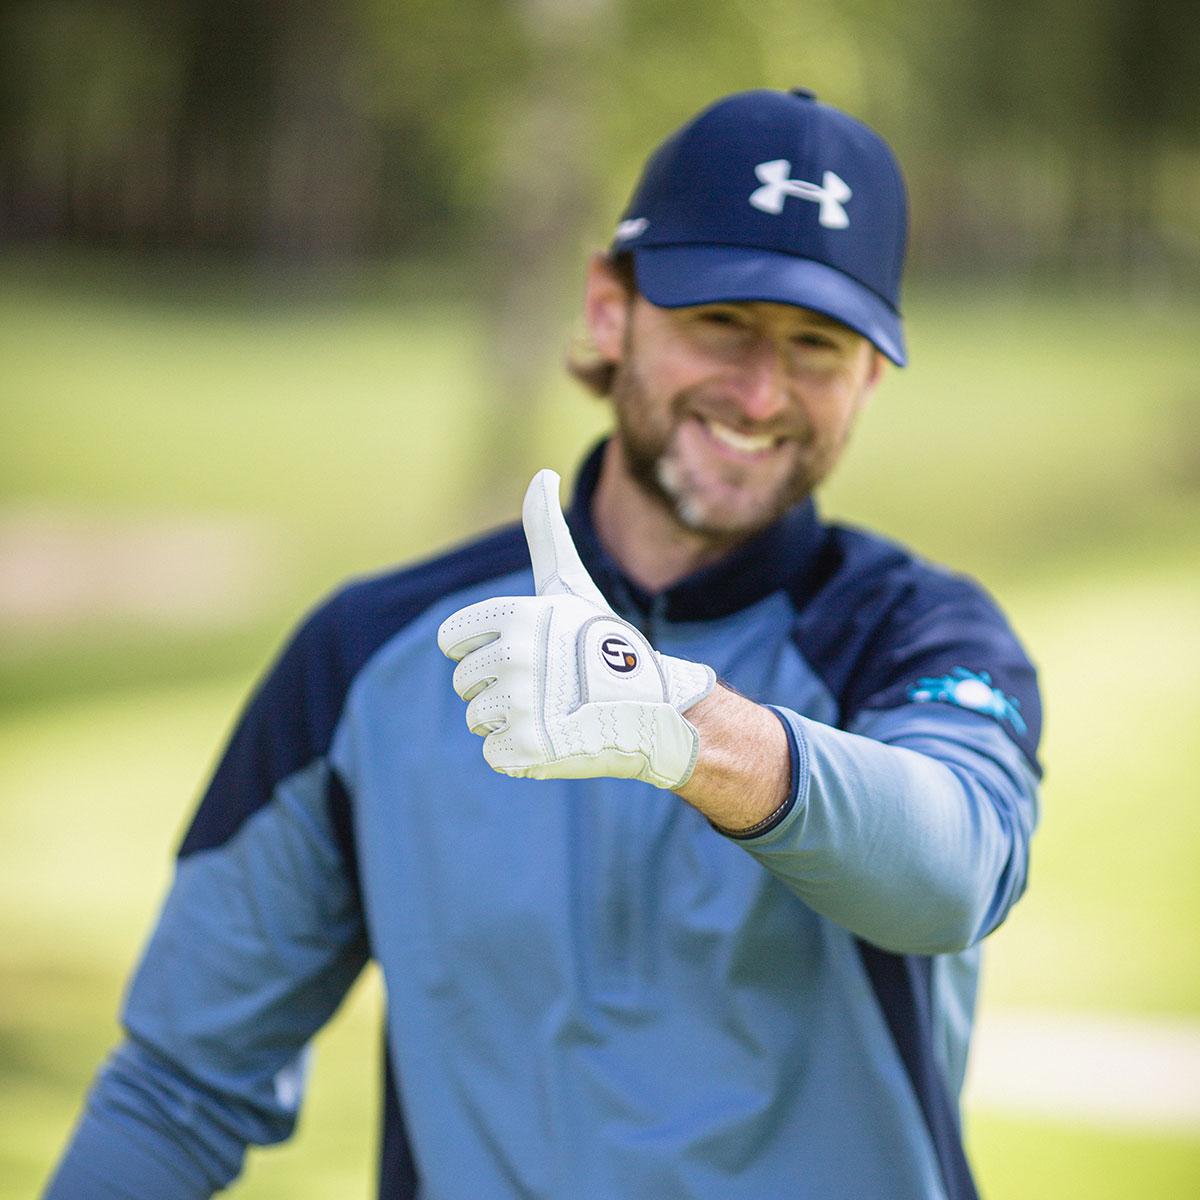 Glad Golfhäftet-spelare som gör tummen upp